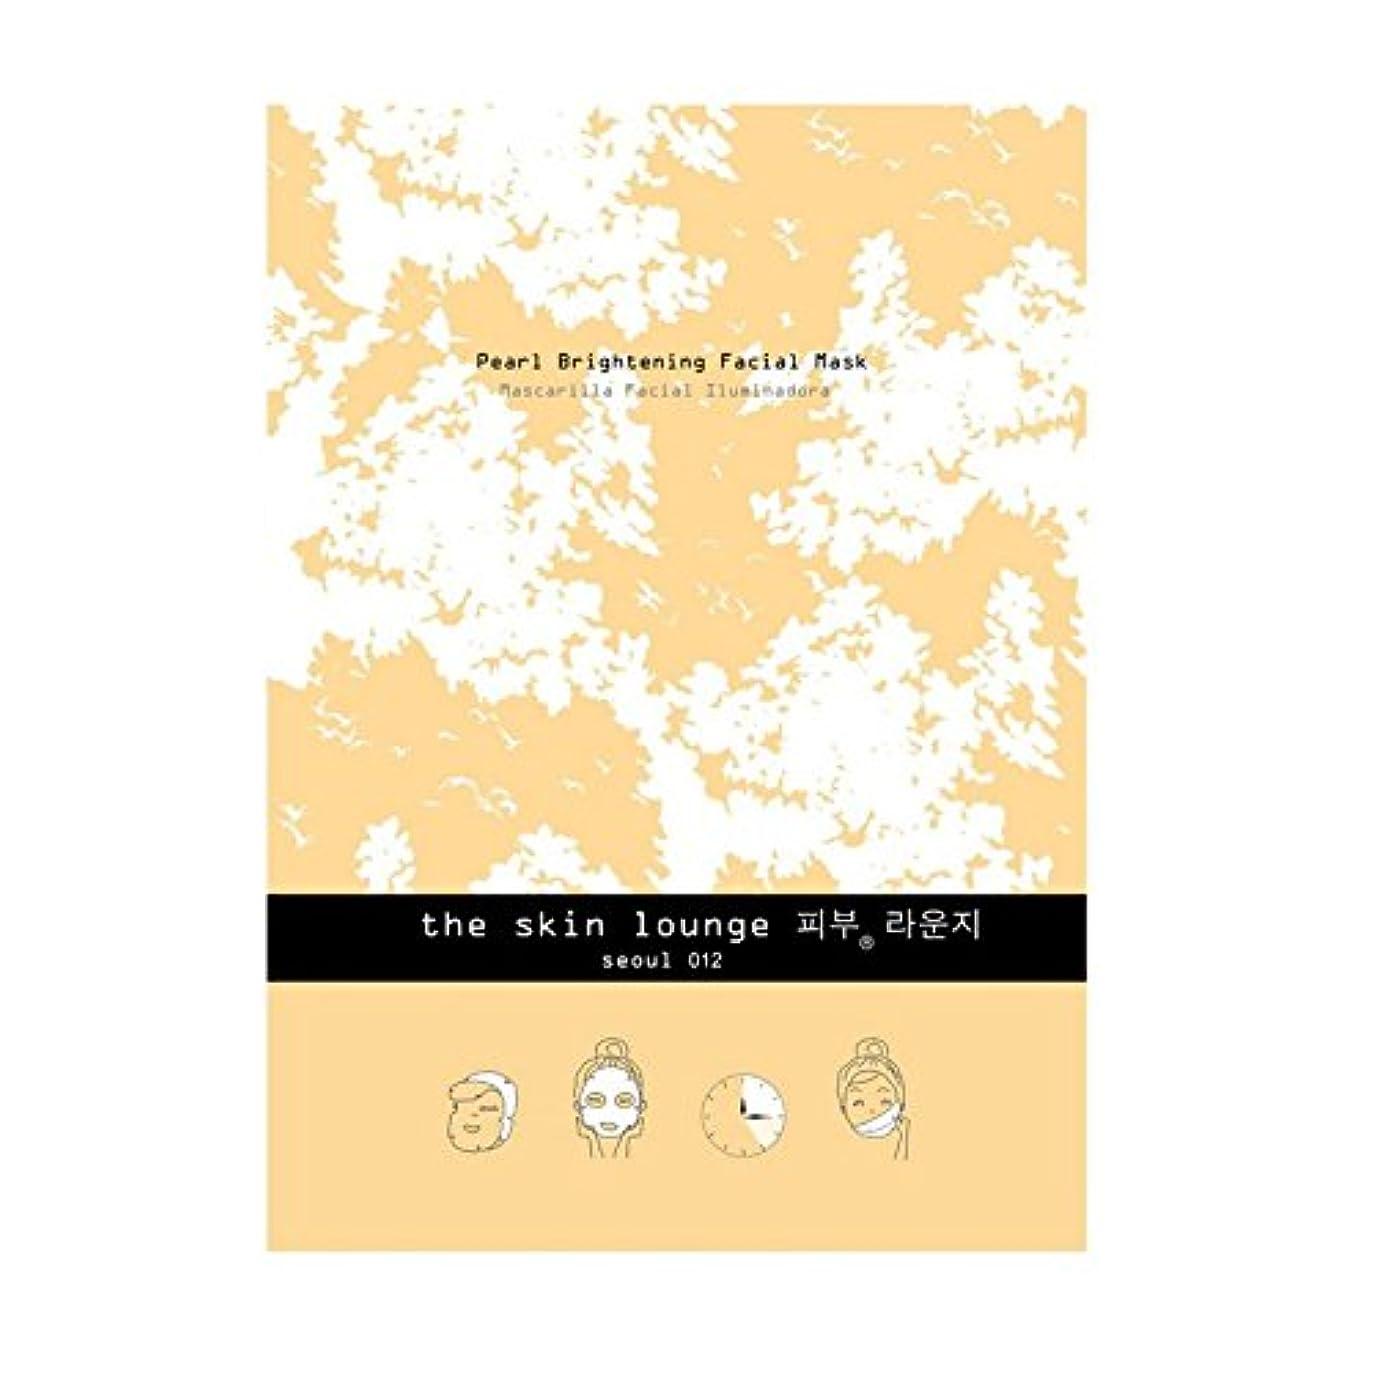 最大アクセサリー鳴り響くThe Skin Lounge Pearl Brightening Single Cellulose Mask (Pack of 6) - 単一セルロースマスクを明るく皮膚ラウンジ真珠 x6 [並行輸入品]